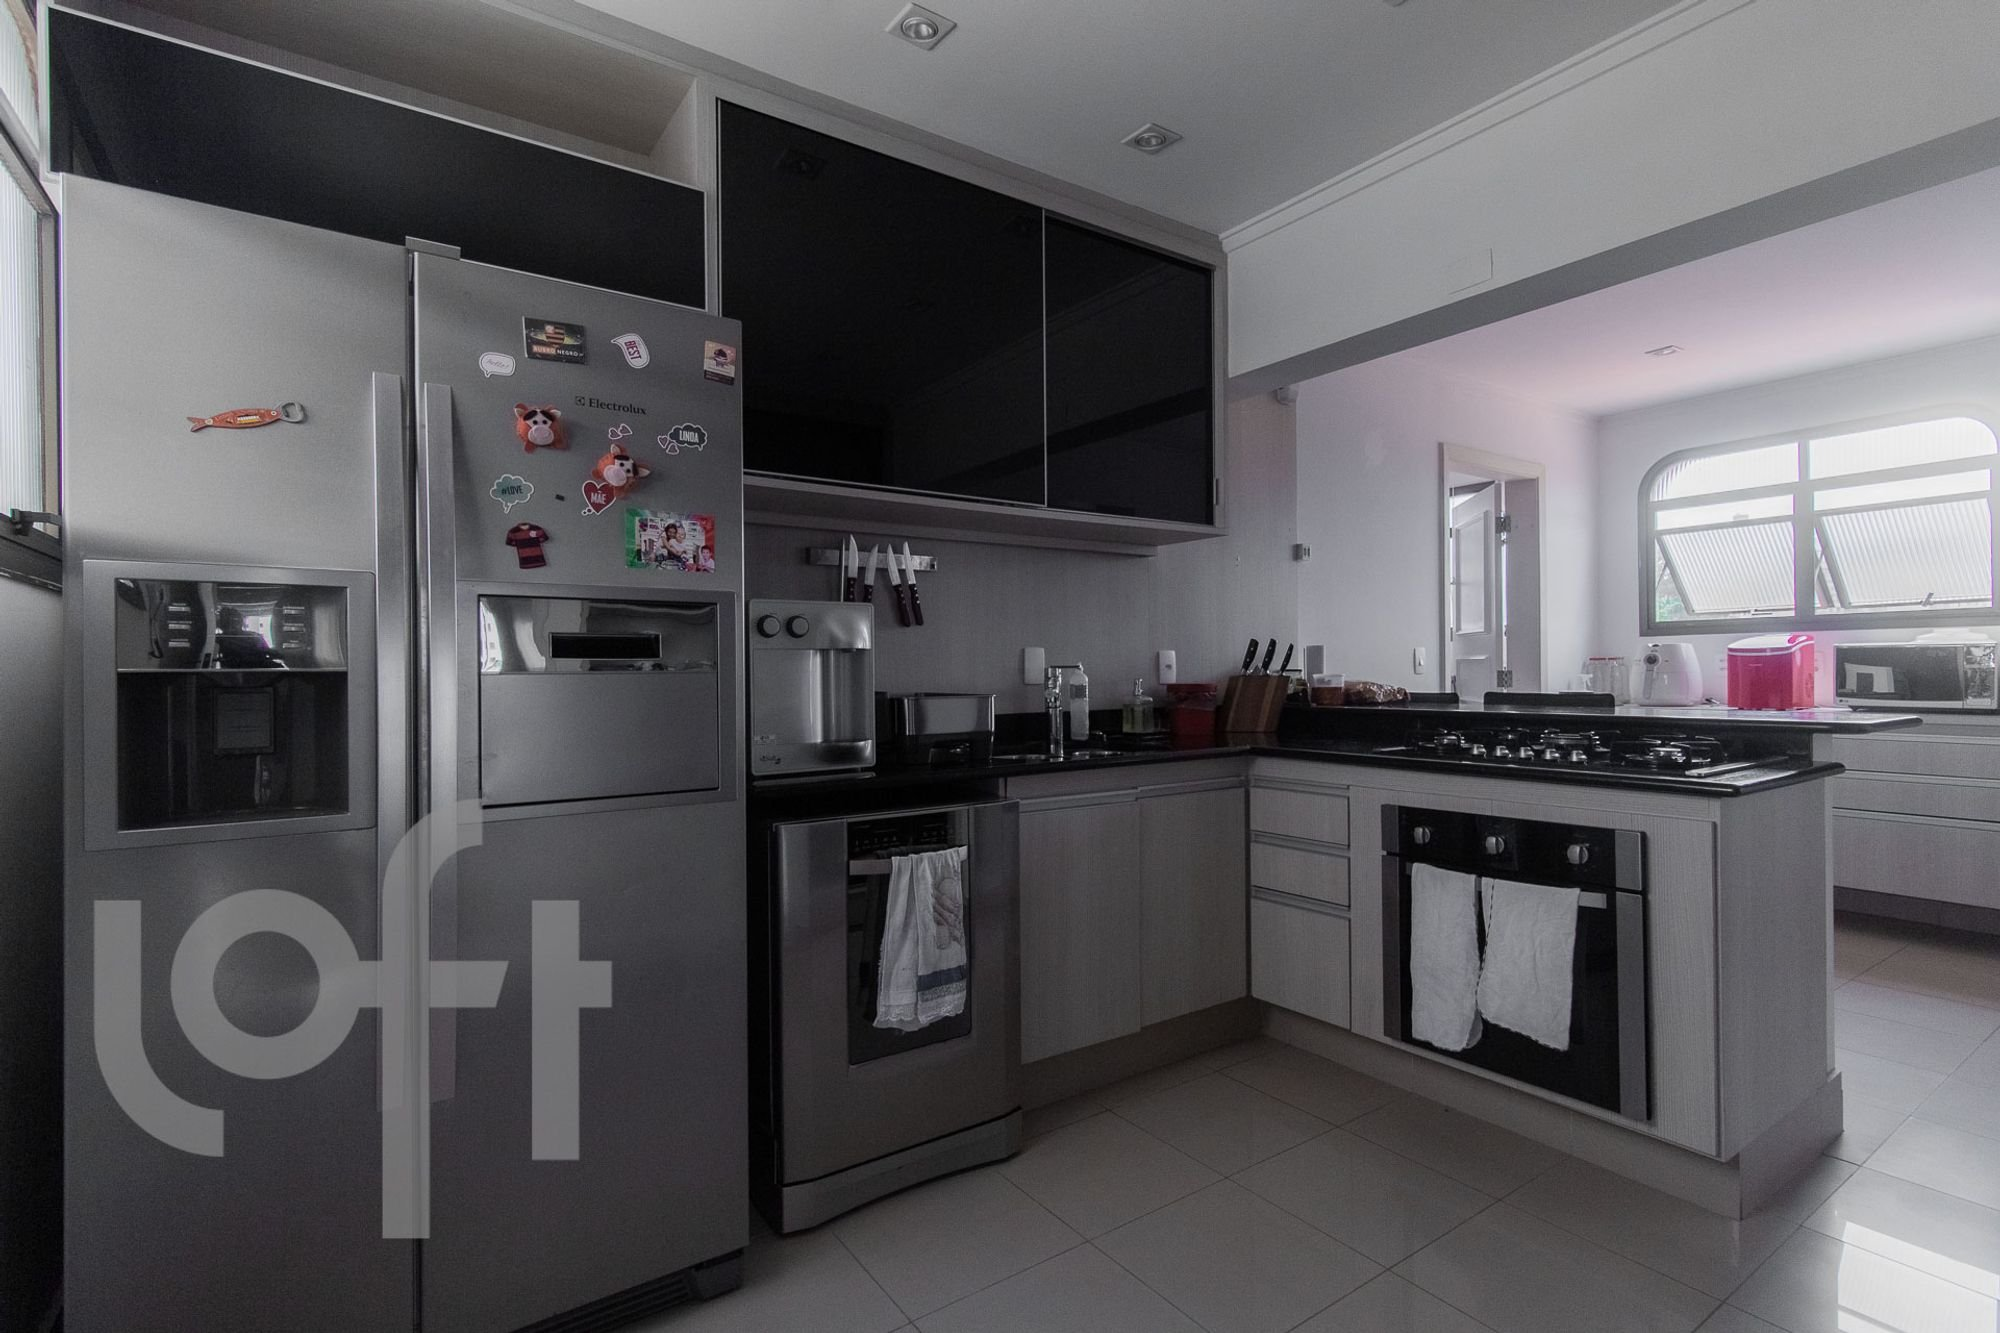 Foto de Cozinha com forno, geladeira, faca